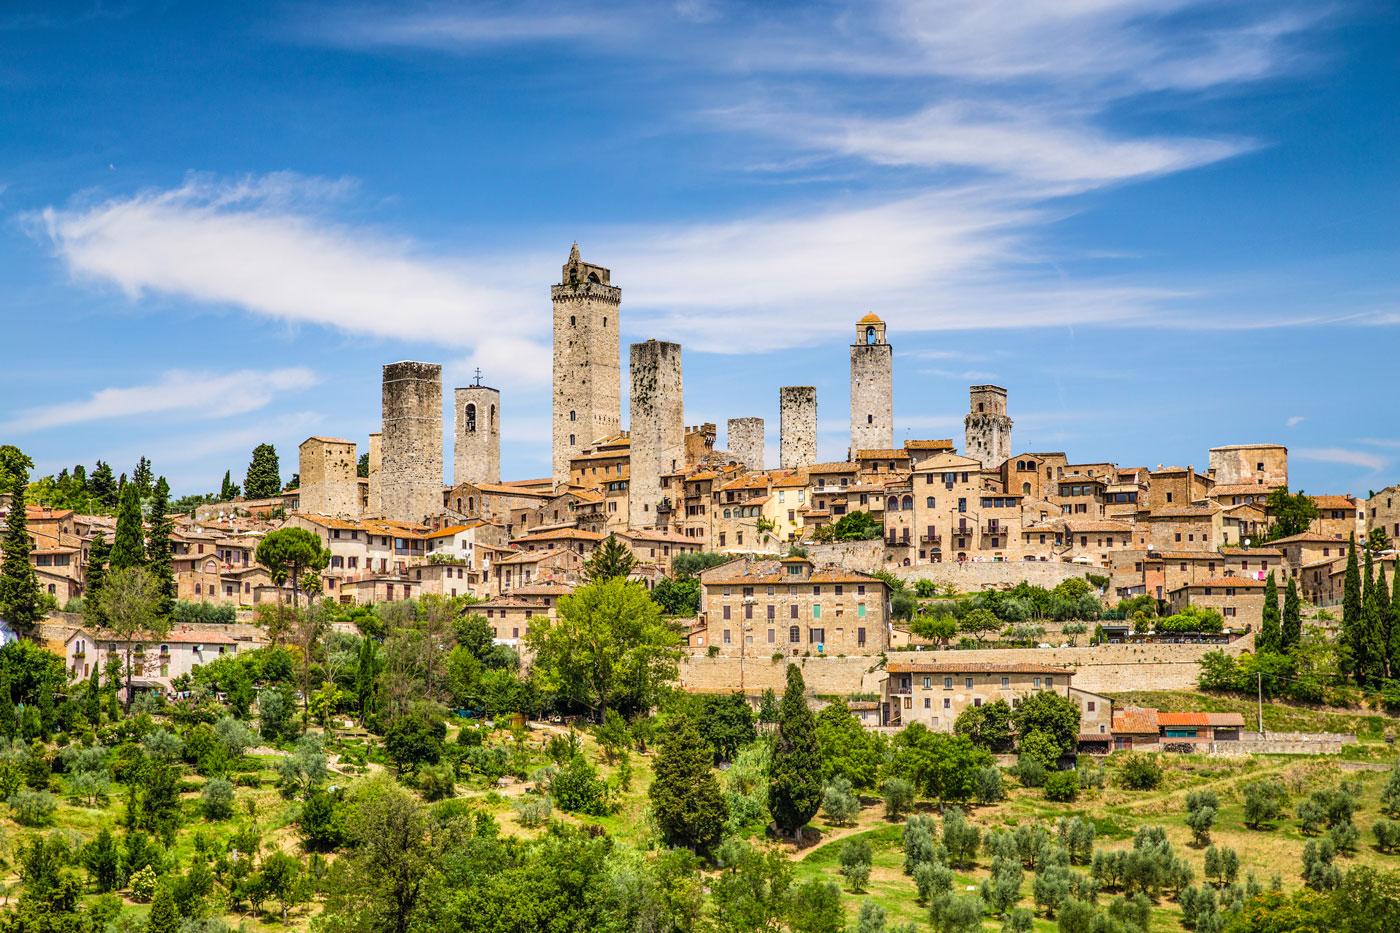 Militur Viagens, roteiros internacionais, roteiros europeus, agência de viagens, Veneza, Itália, Europa, Vêneto, Bolonha, Ferrara, Florença, Firenzi, Pisa, Roma